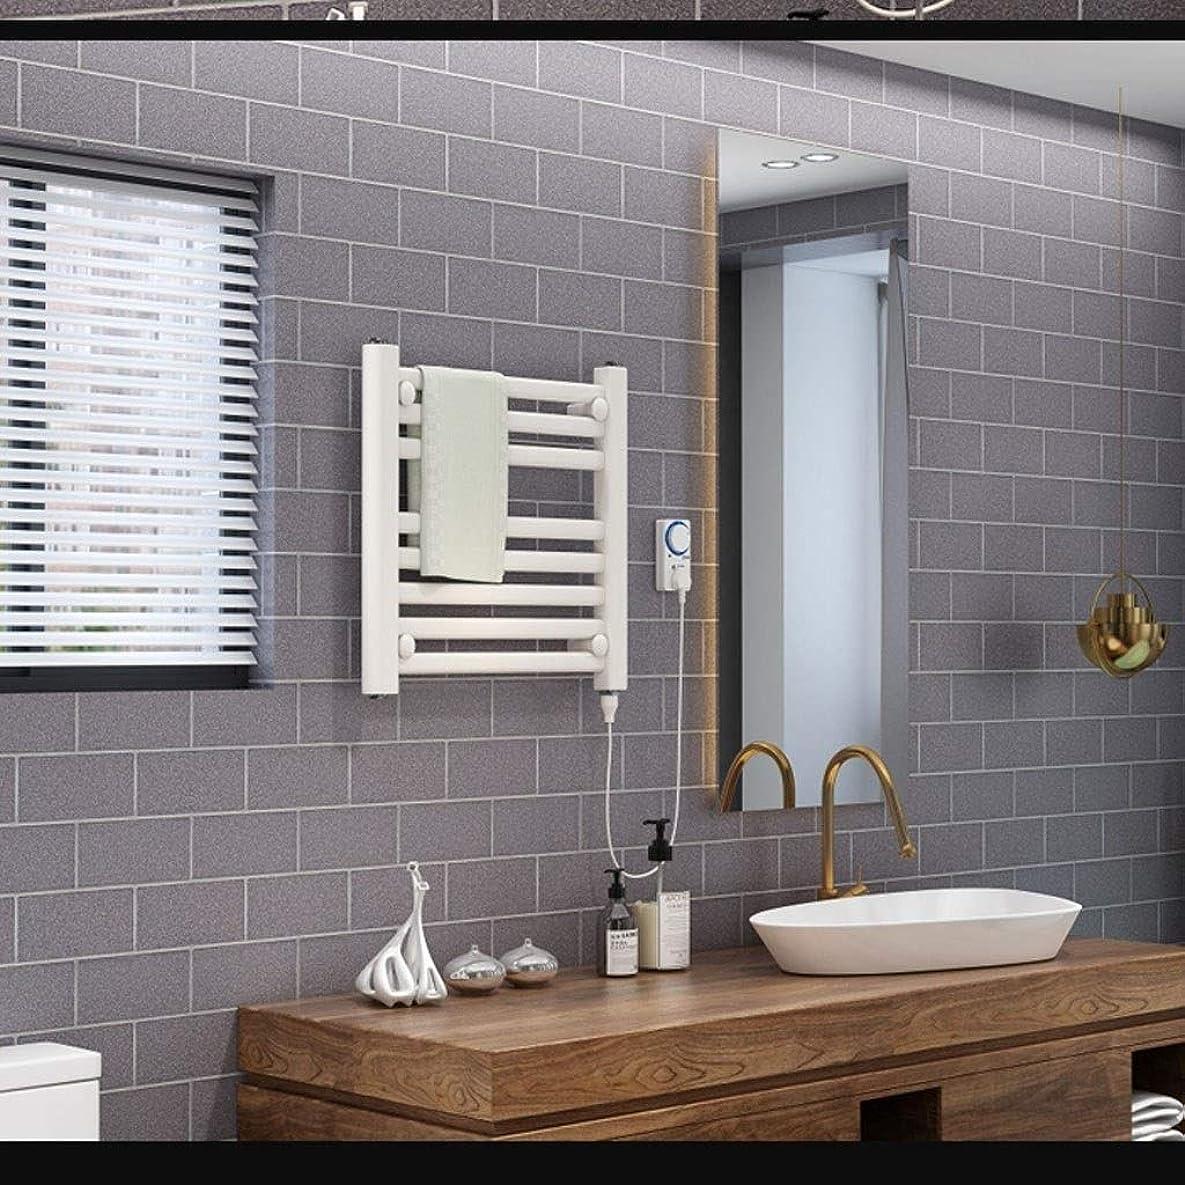 ダニパンチみなすサーモスタット電気加熱タオルレール、浴室電気加熱乾燥ラック、浴室キッチン壁吊り-200W (Color : White, Size : 48*48*3cm)